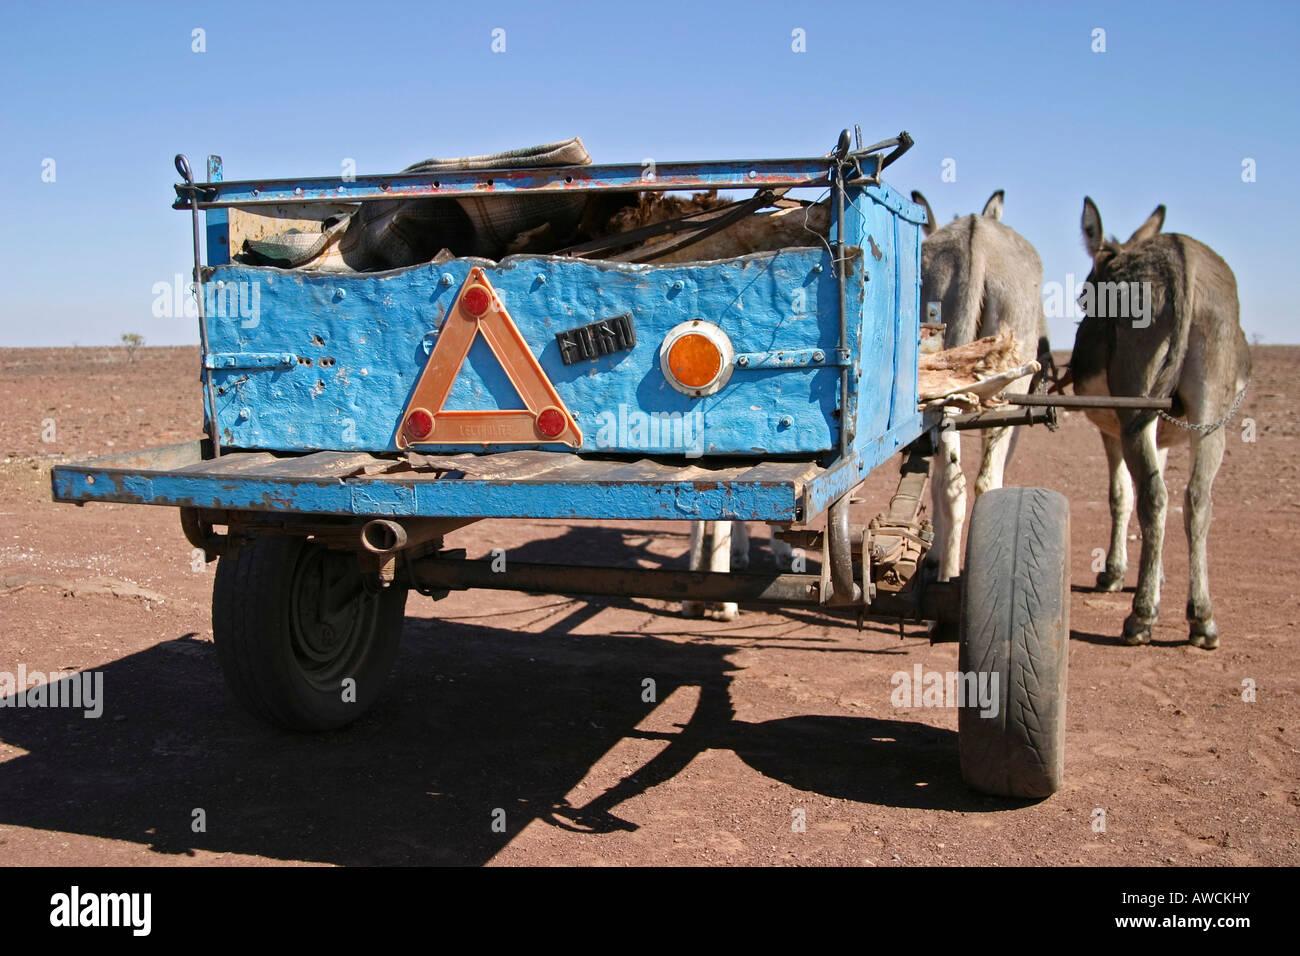 Donkeys with Donkey cart, South of Namibia, Africa Stock Photo